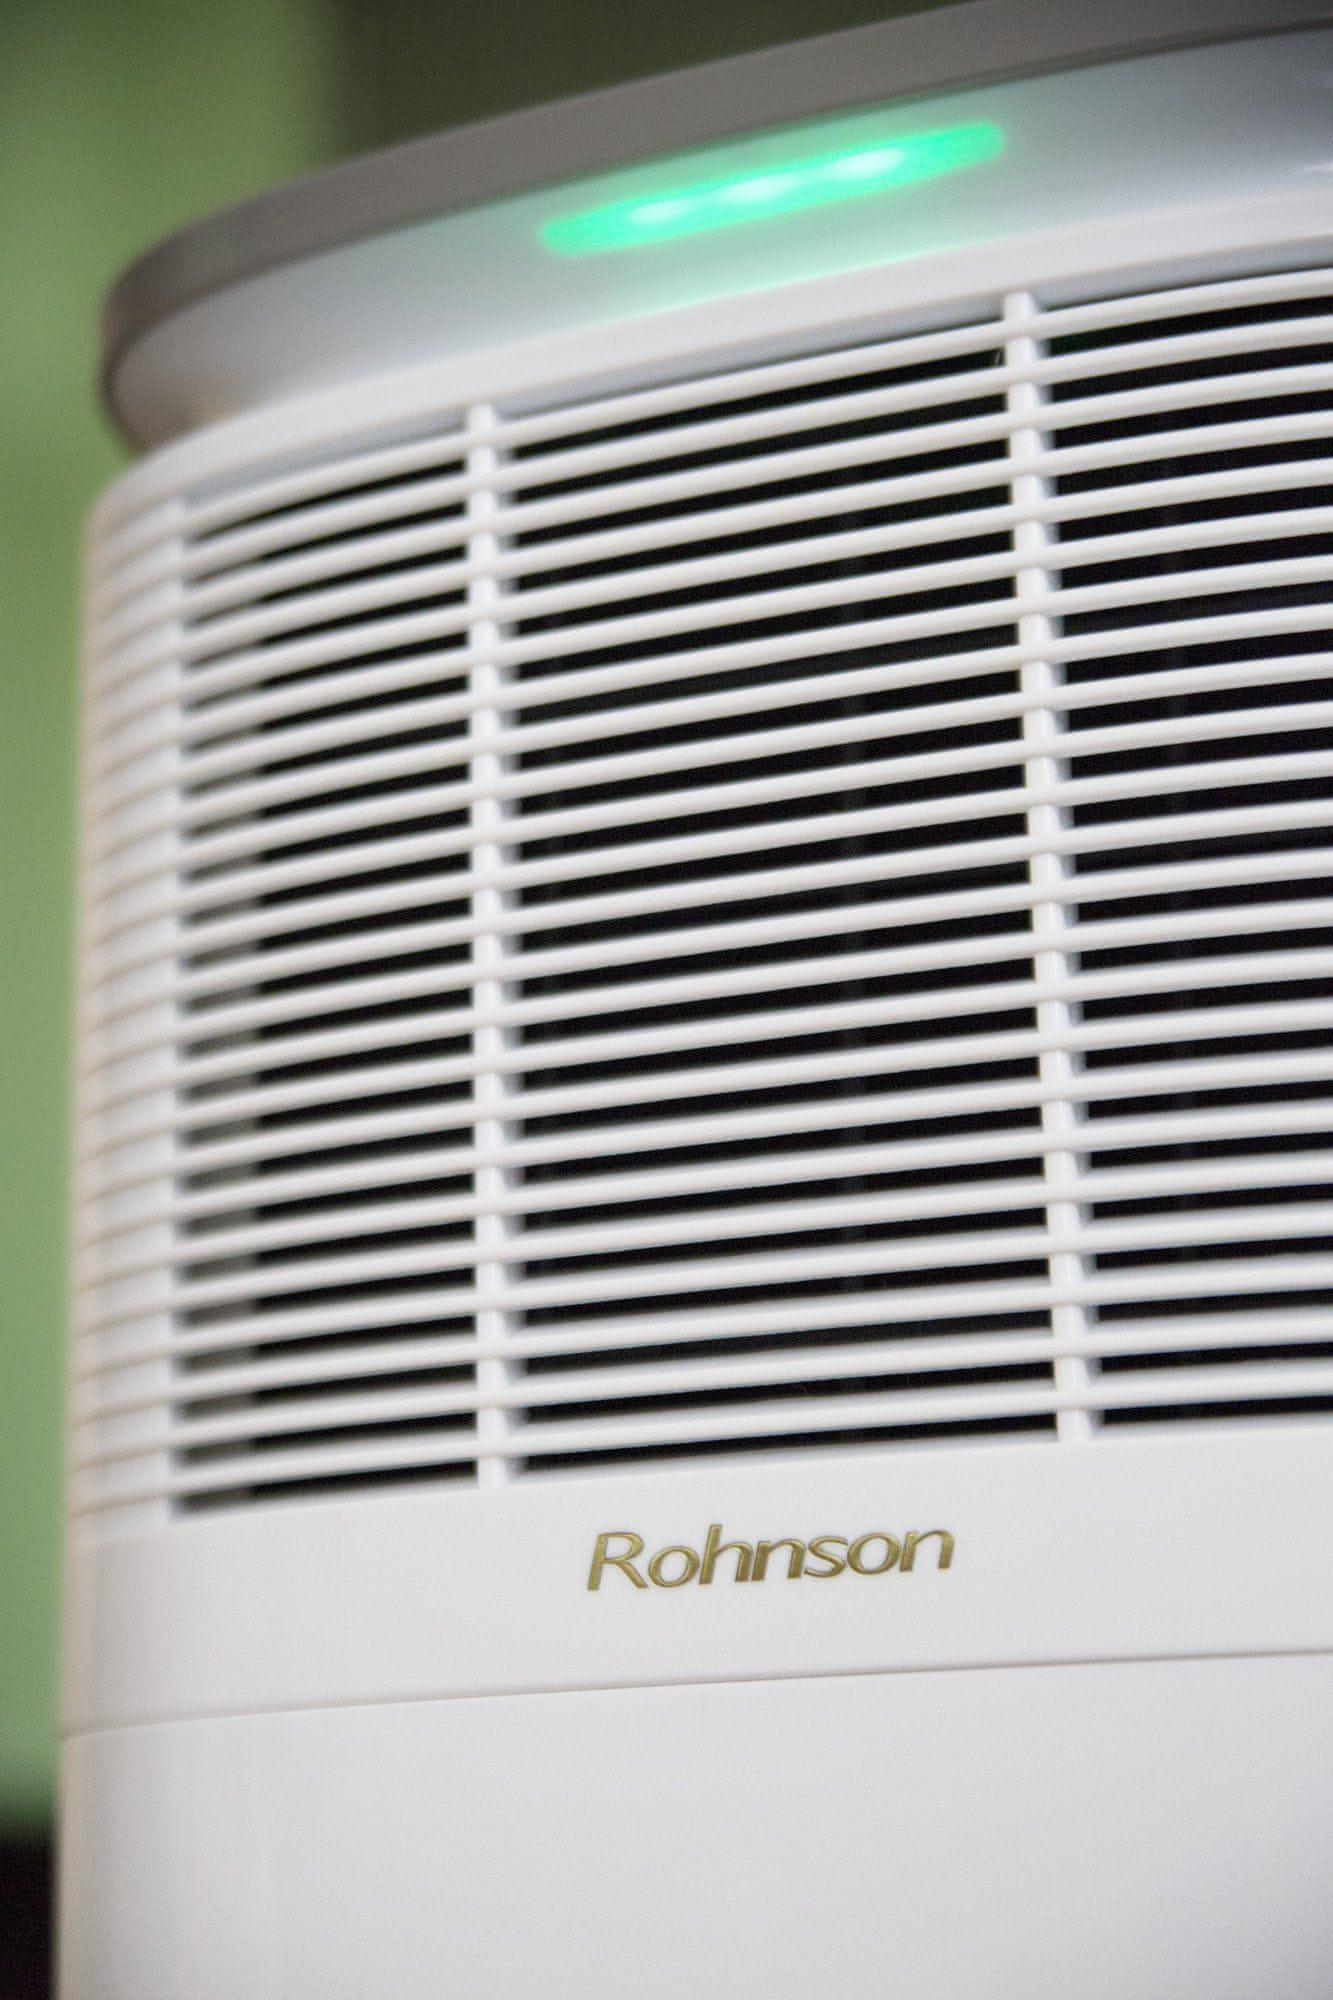 Rohnson R-9912 Ionic + Air Purifier